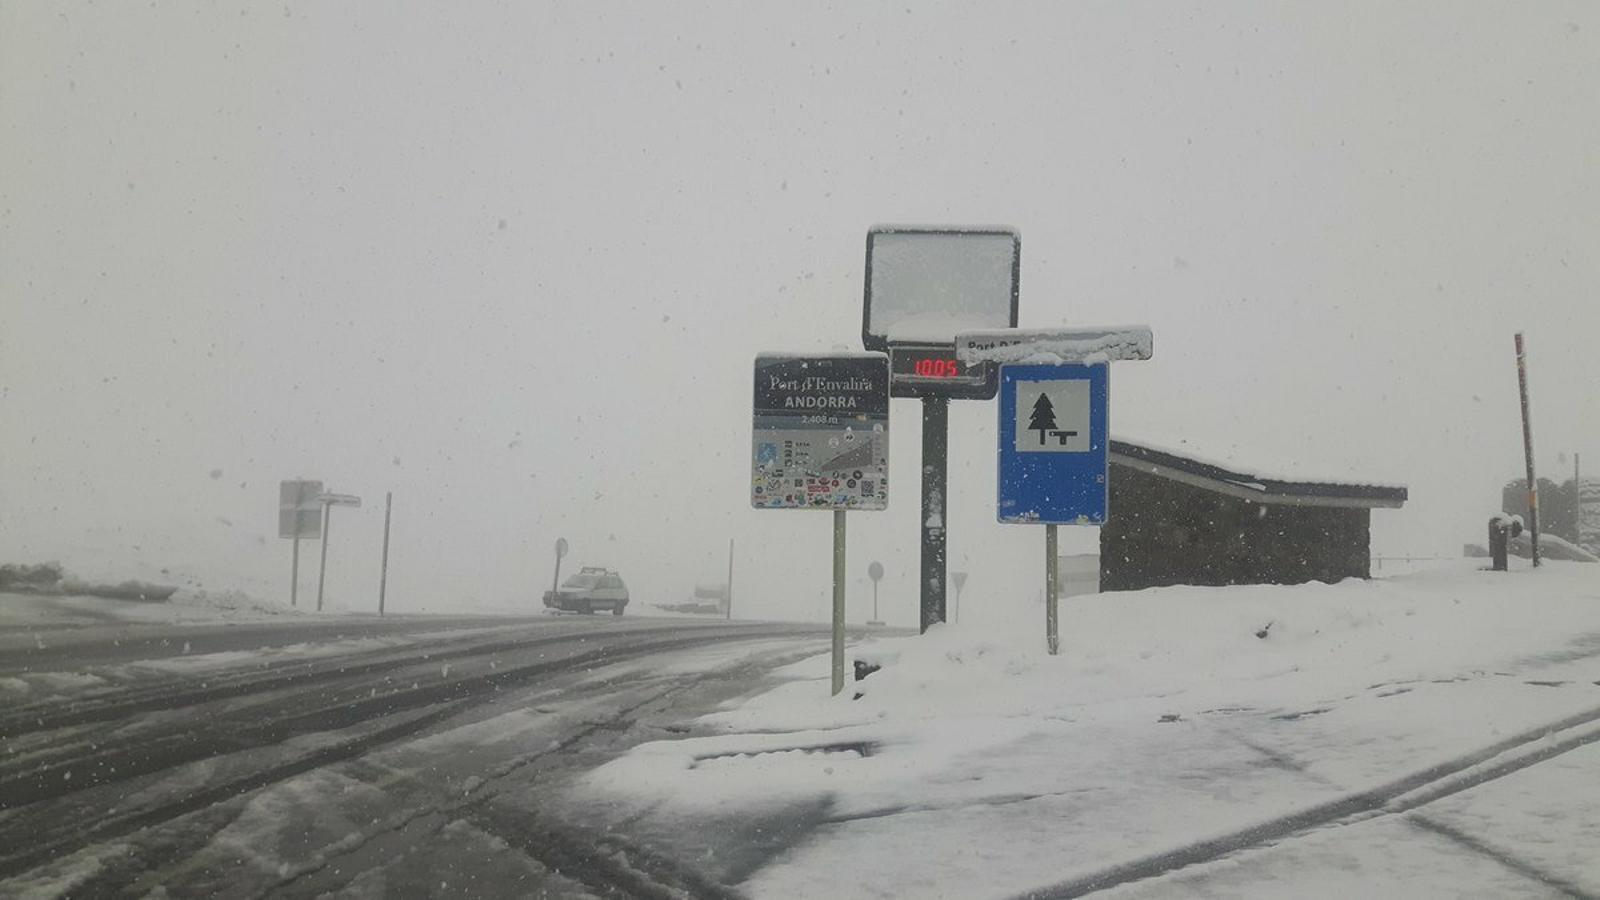 La important nevada al Port d'Envalira aquest matí. / METEO.AD